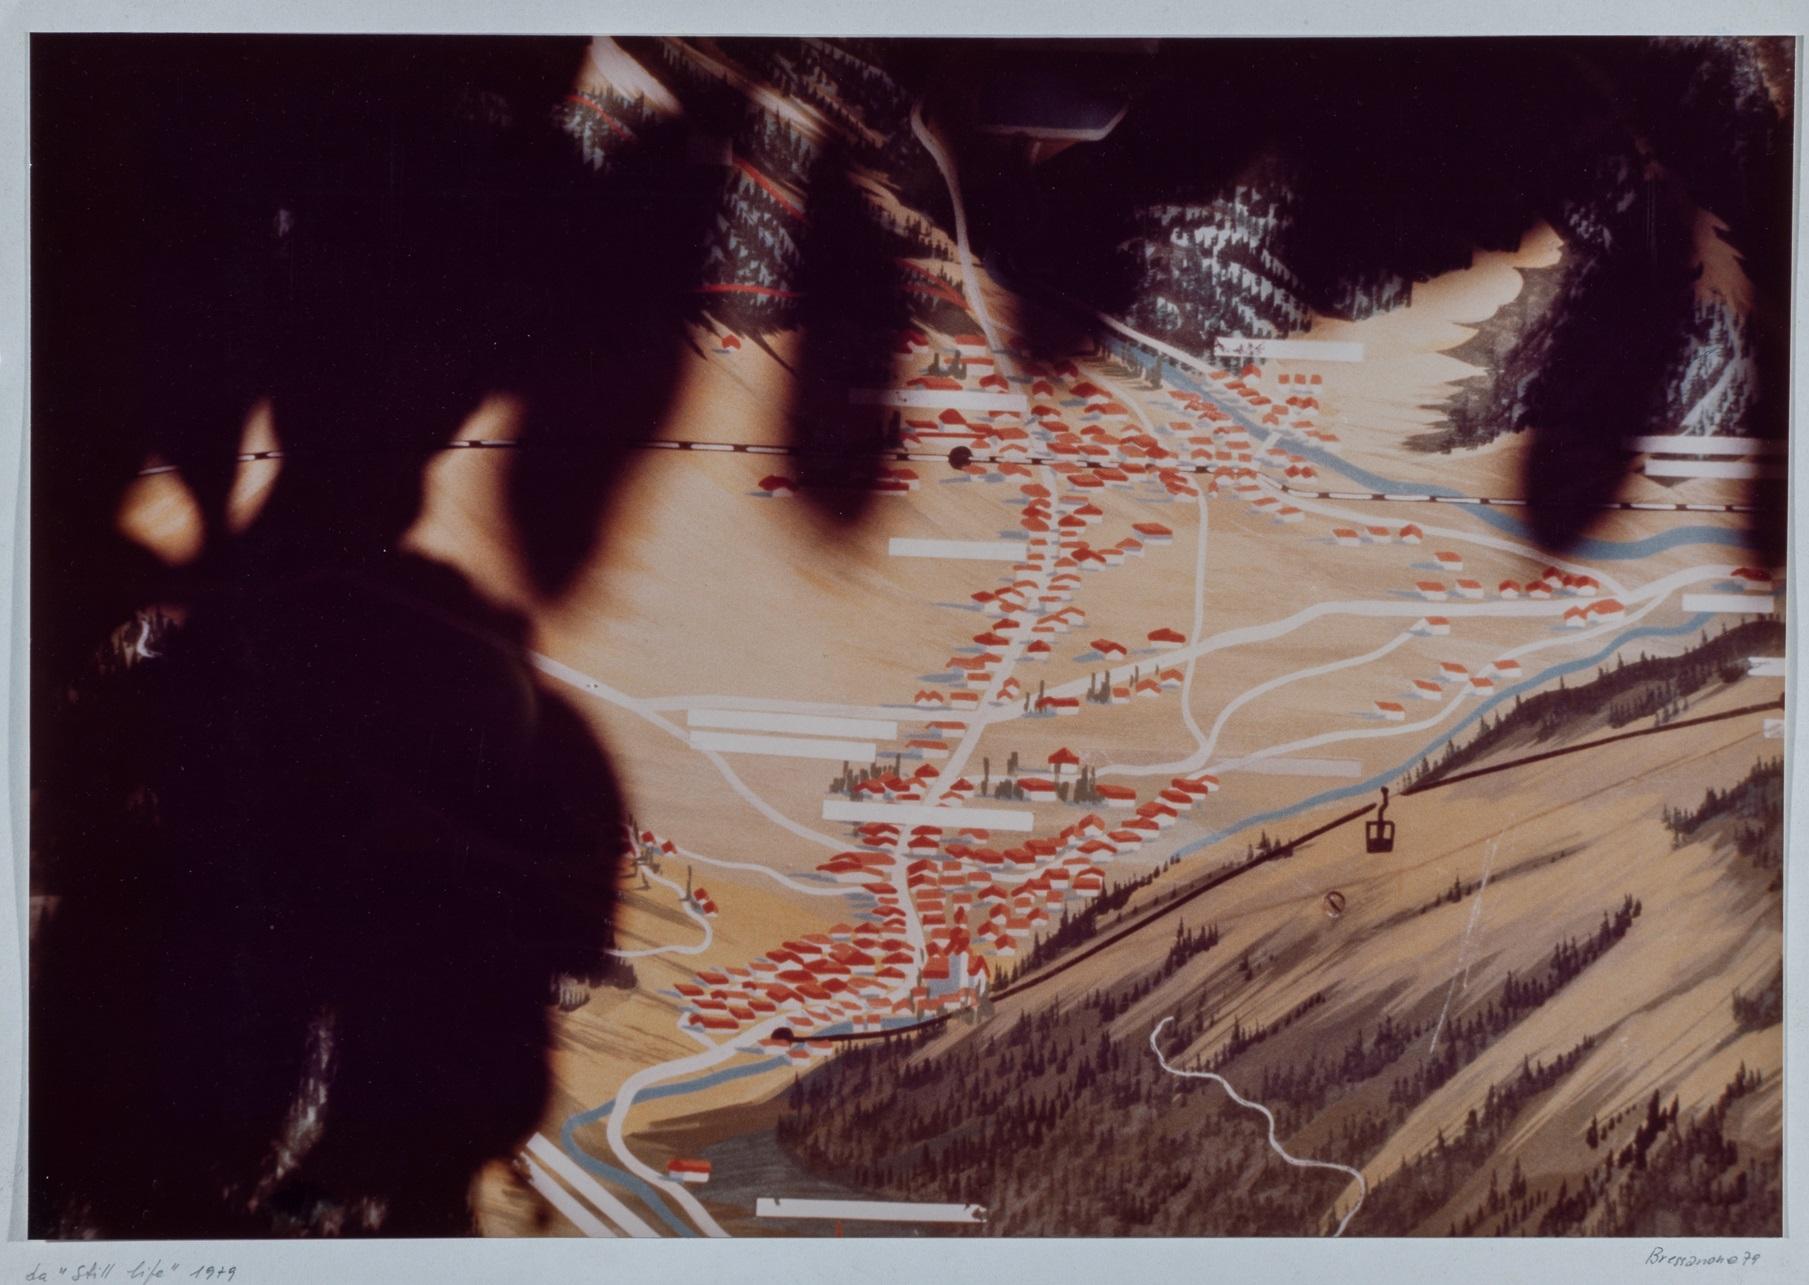 Bressanone, 1979